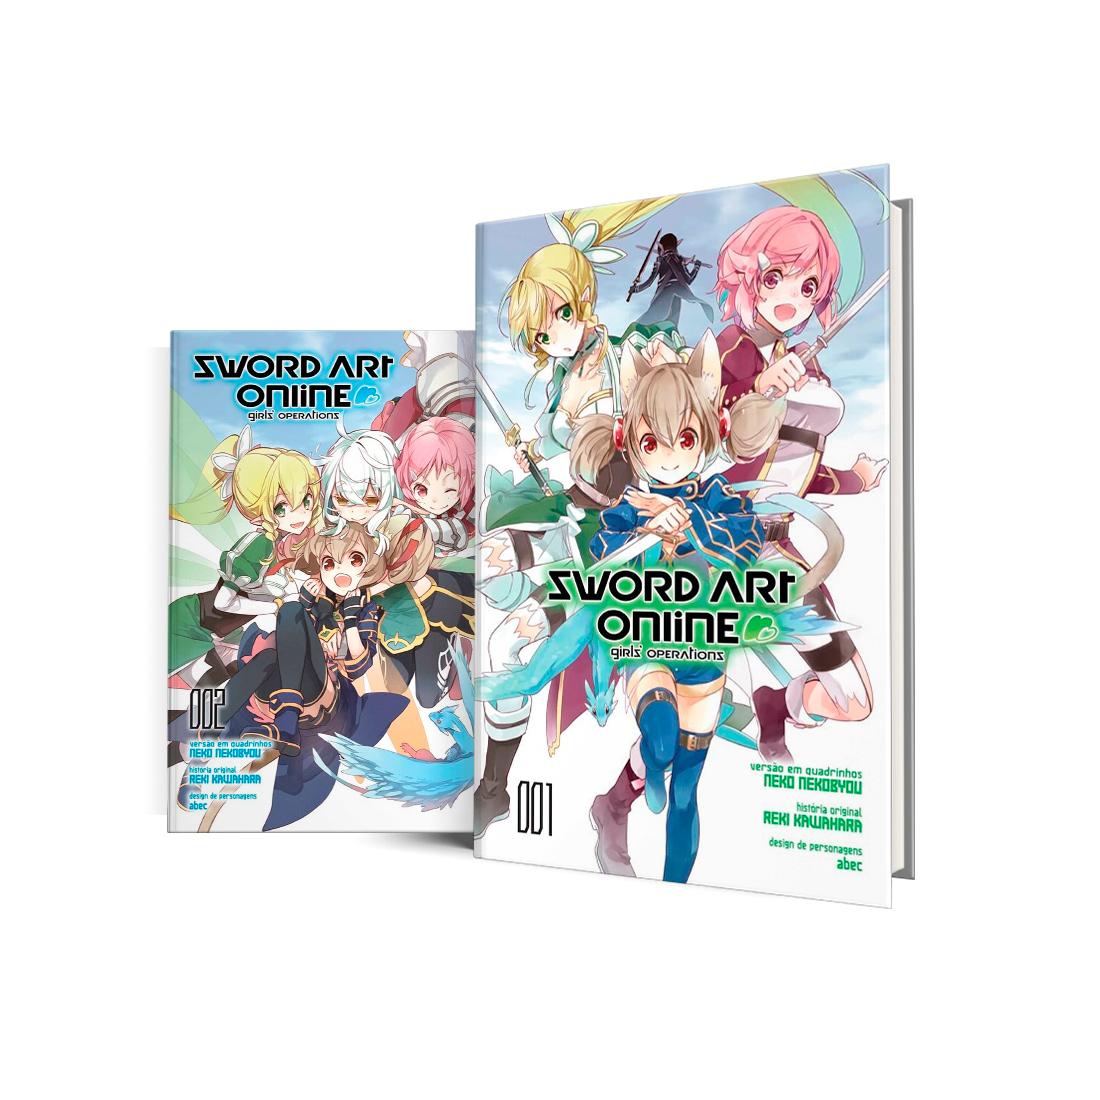 Box Sword Art Online - Girls' Operations Vols. 1 e 2